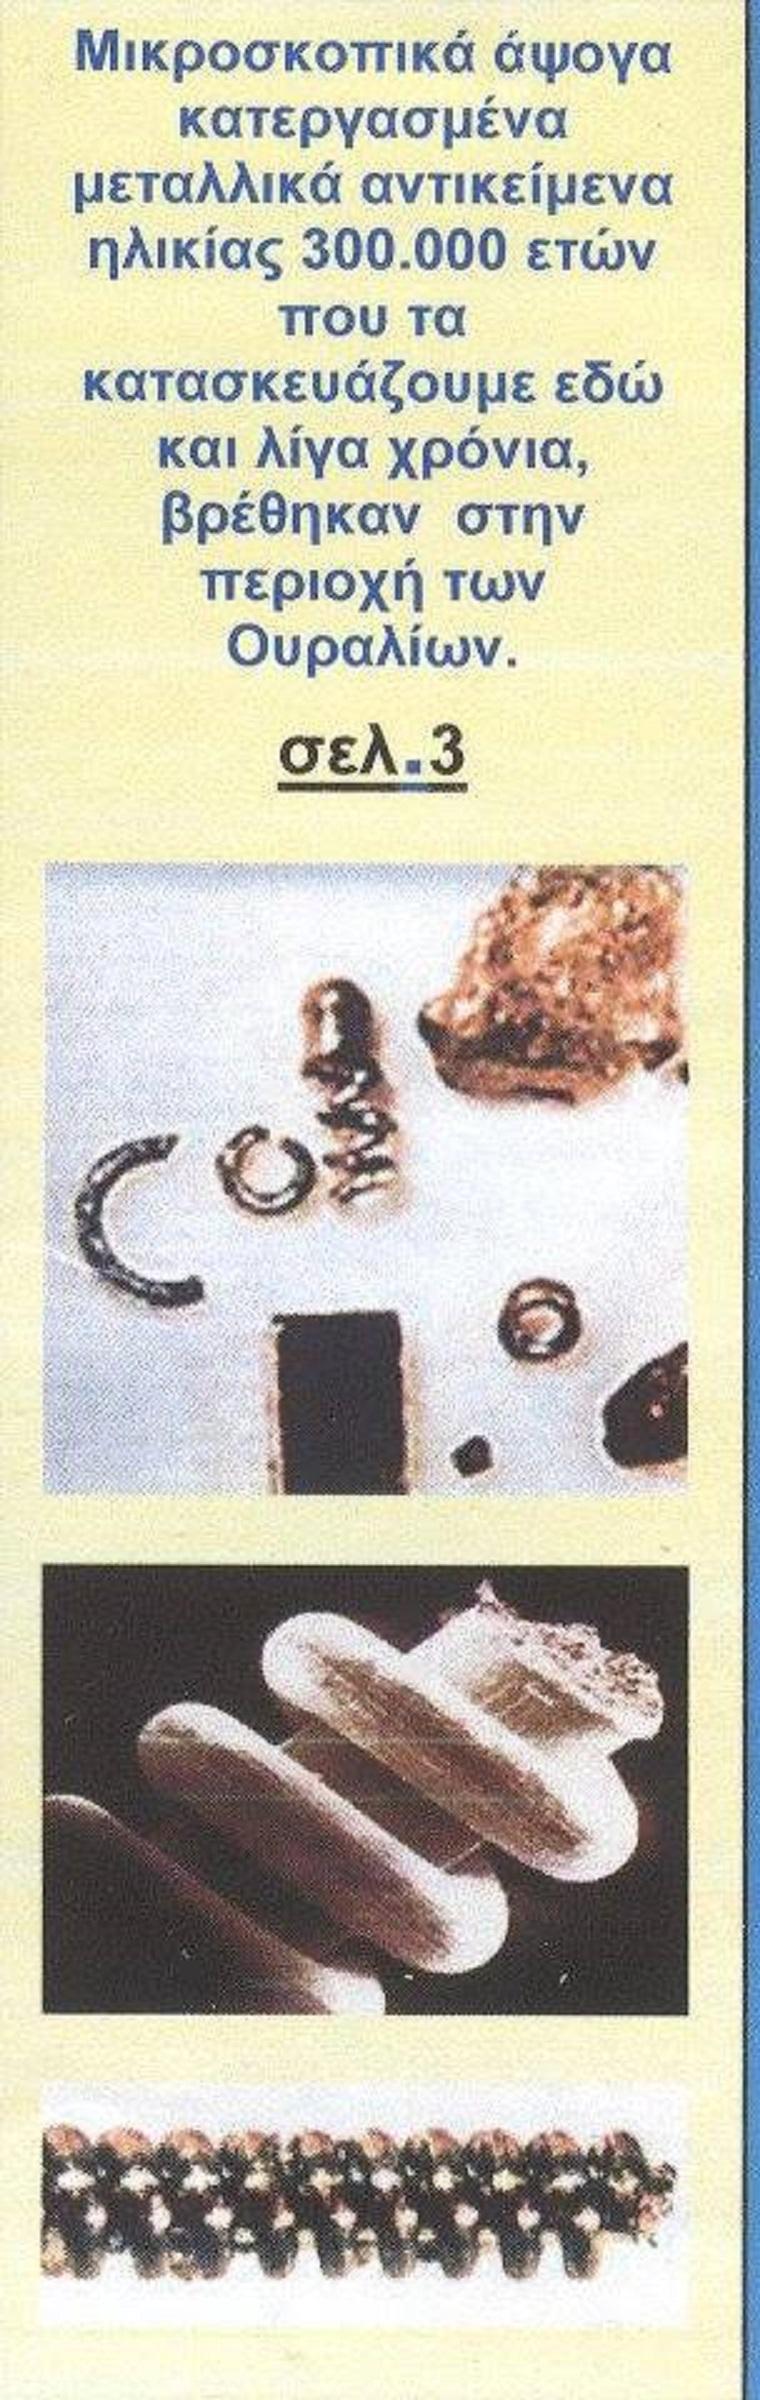 Ἡ νανοτεχνολογία πρό χιλιάδων ἐτῶν;1